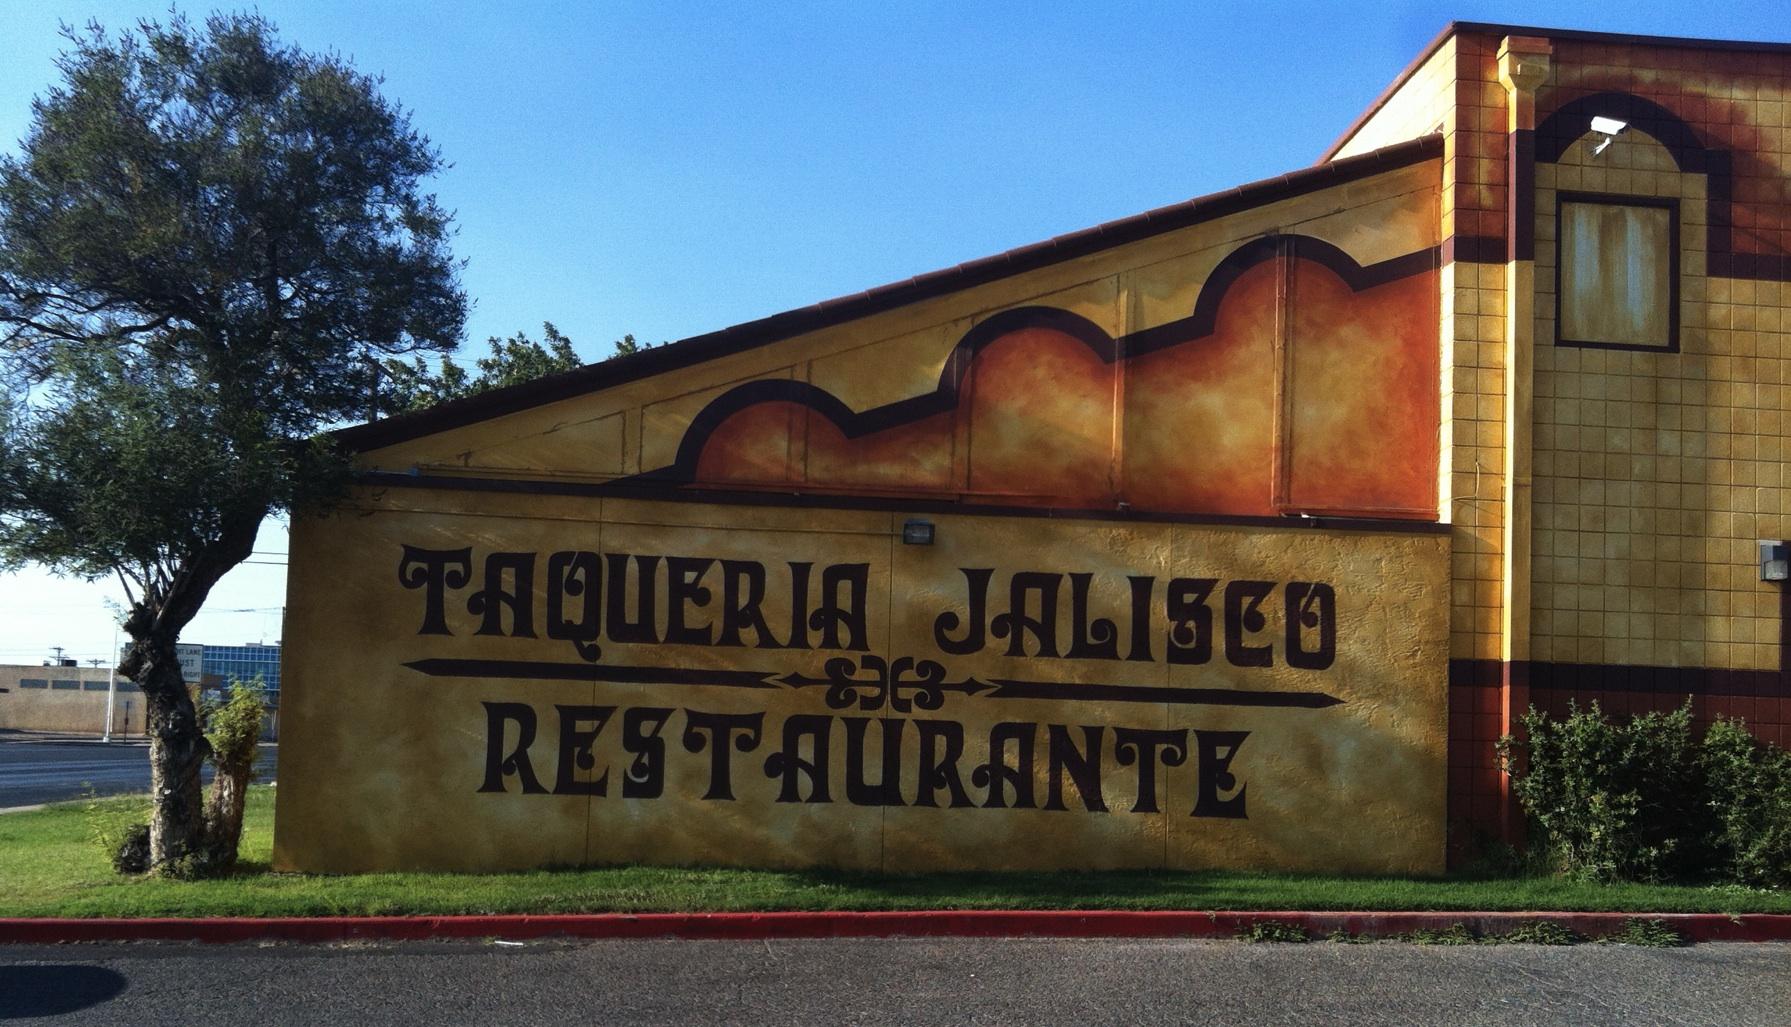 Taqueria Jalisco - Lubbock, TX - Yelp